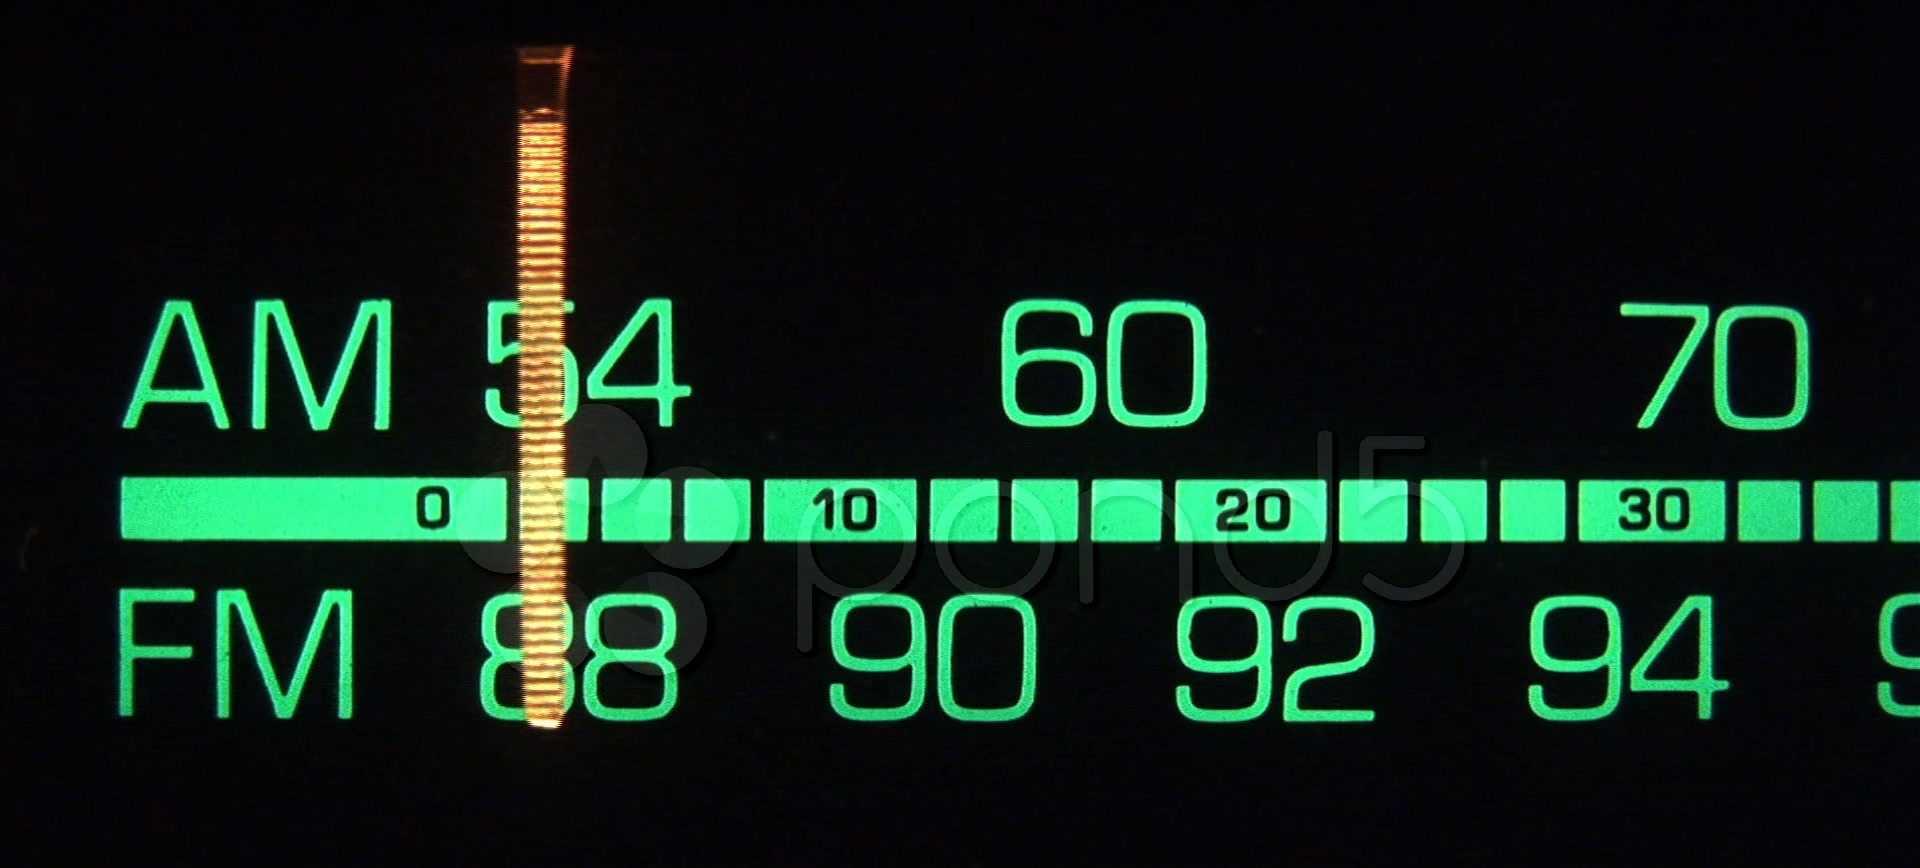 Resultado de imagem para radio am fm frequencia